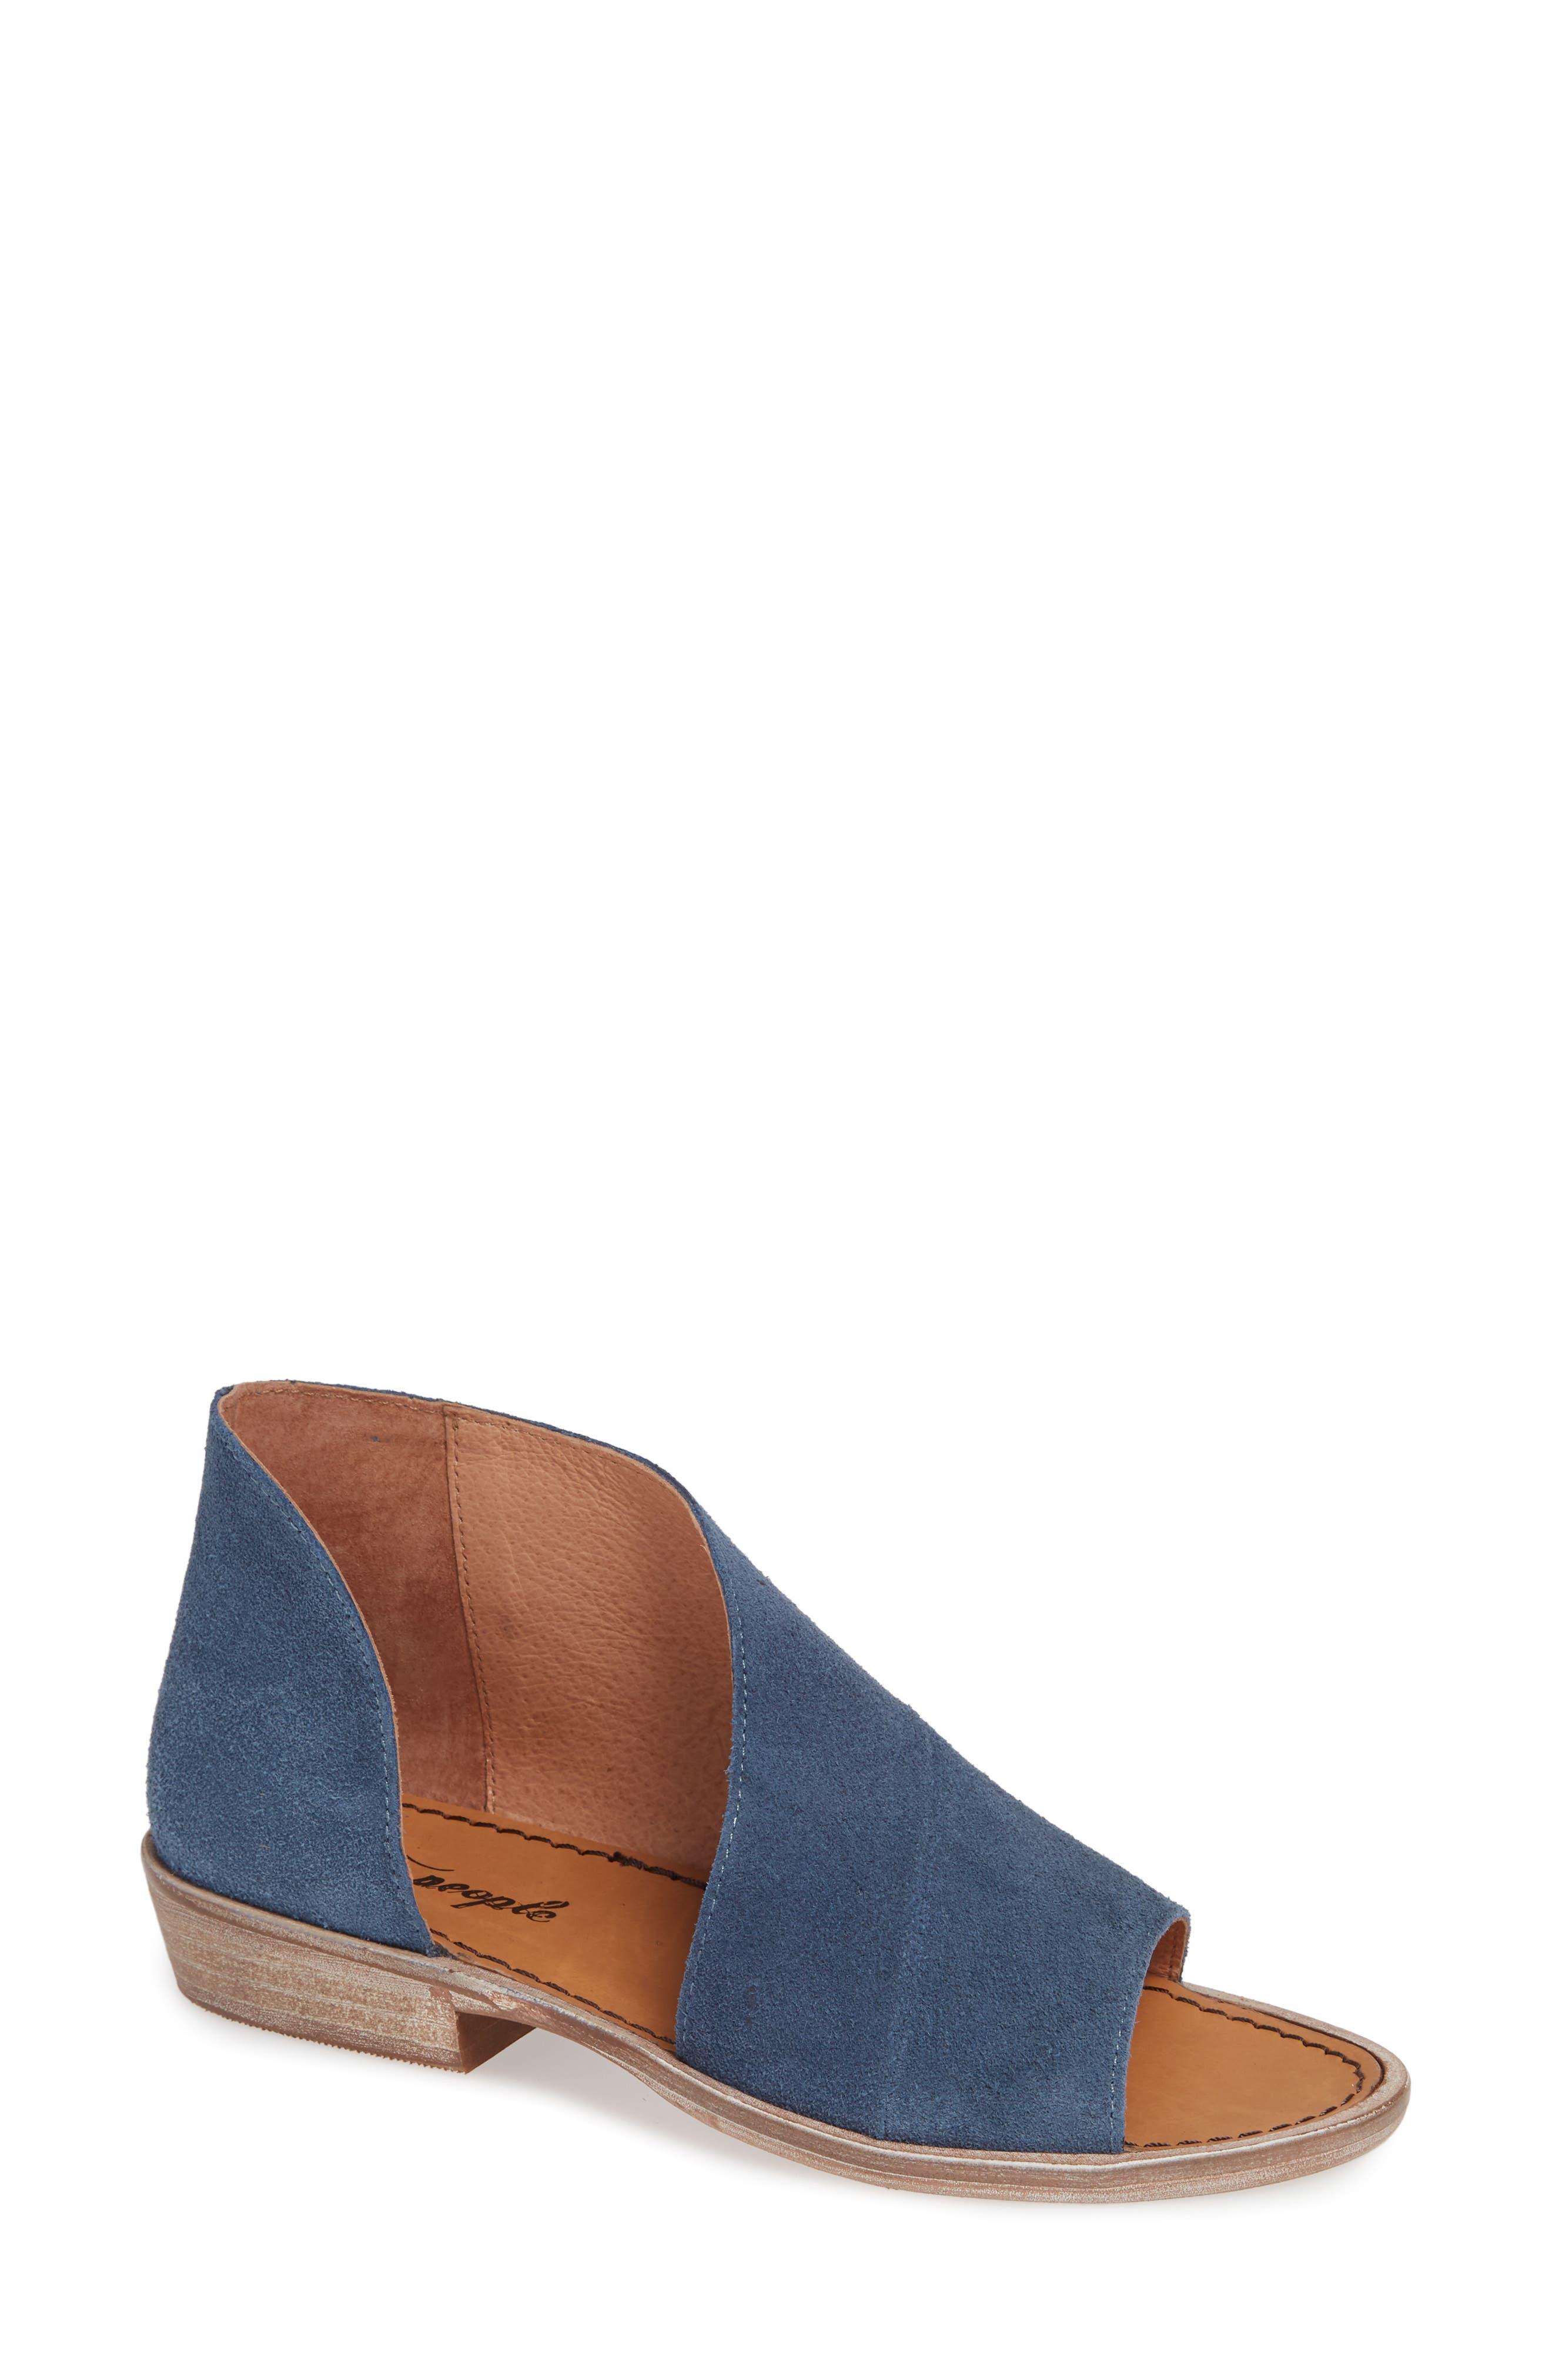 'Mont Blanc' Asymmetrical Sandal,                         Main,                         color, BLUE SUEDE